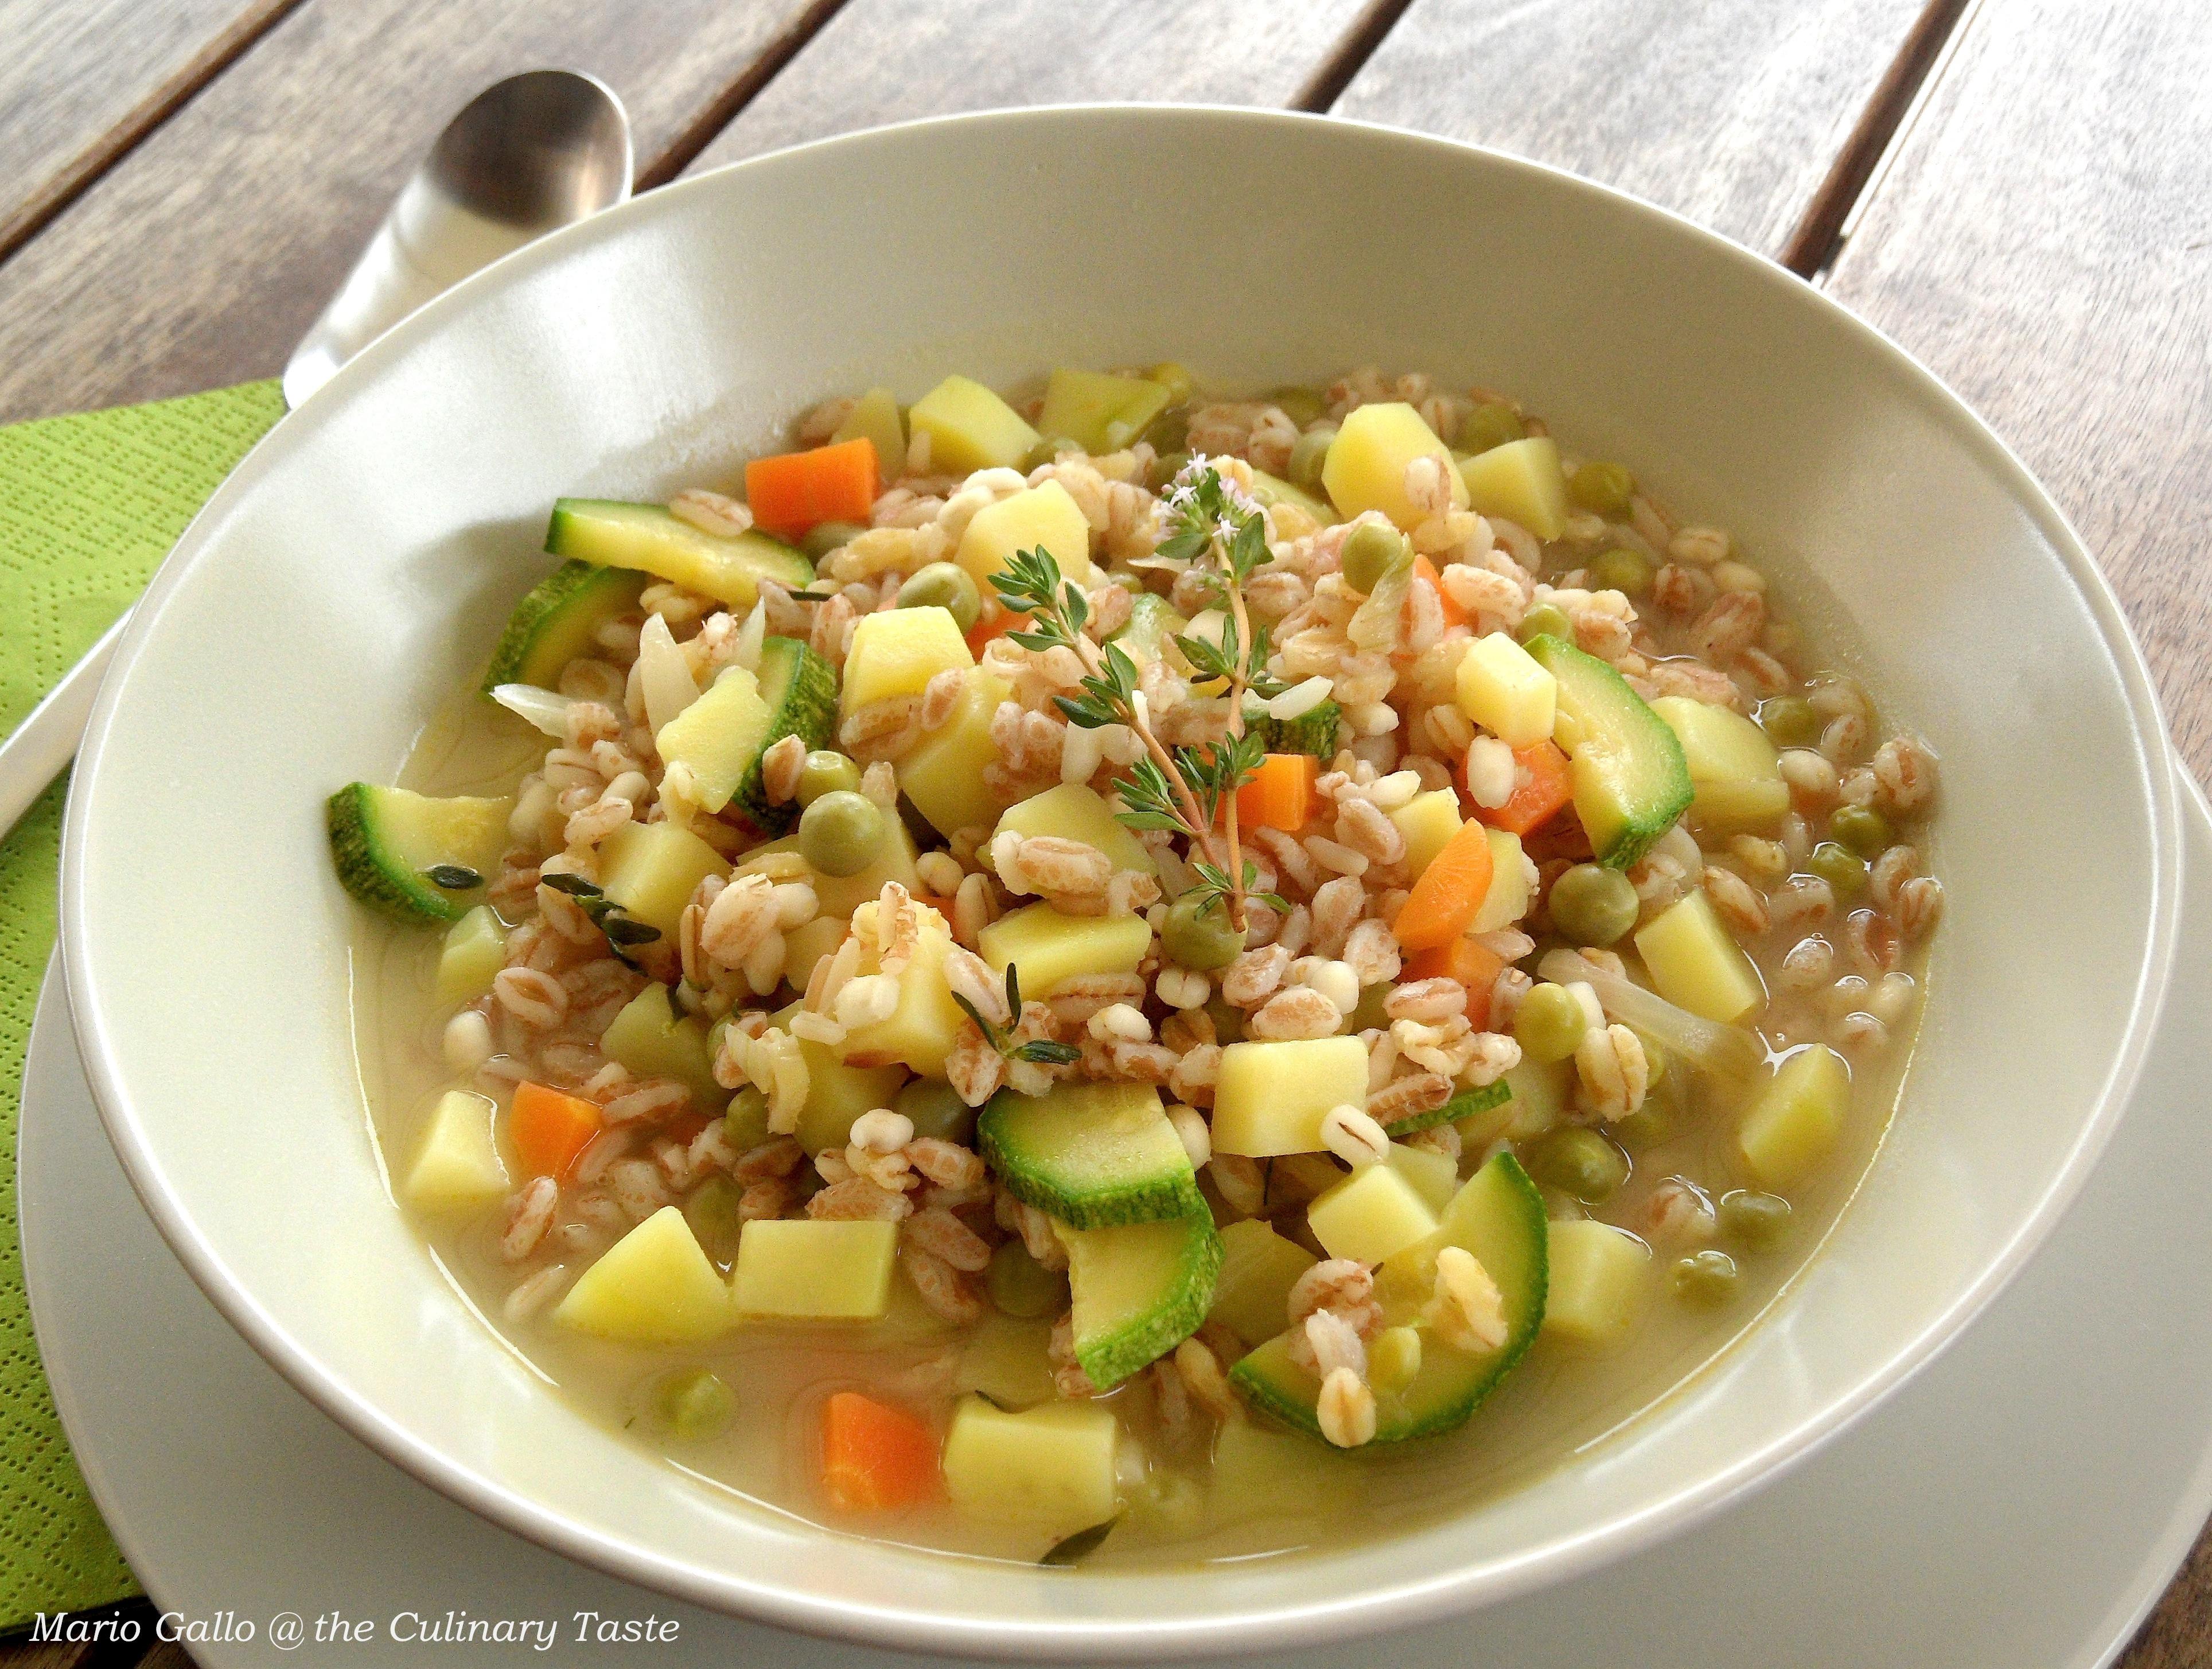 Vegetable Baby Food Gerber